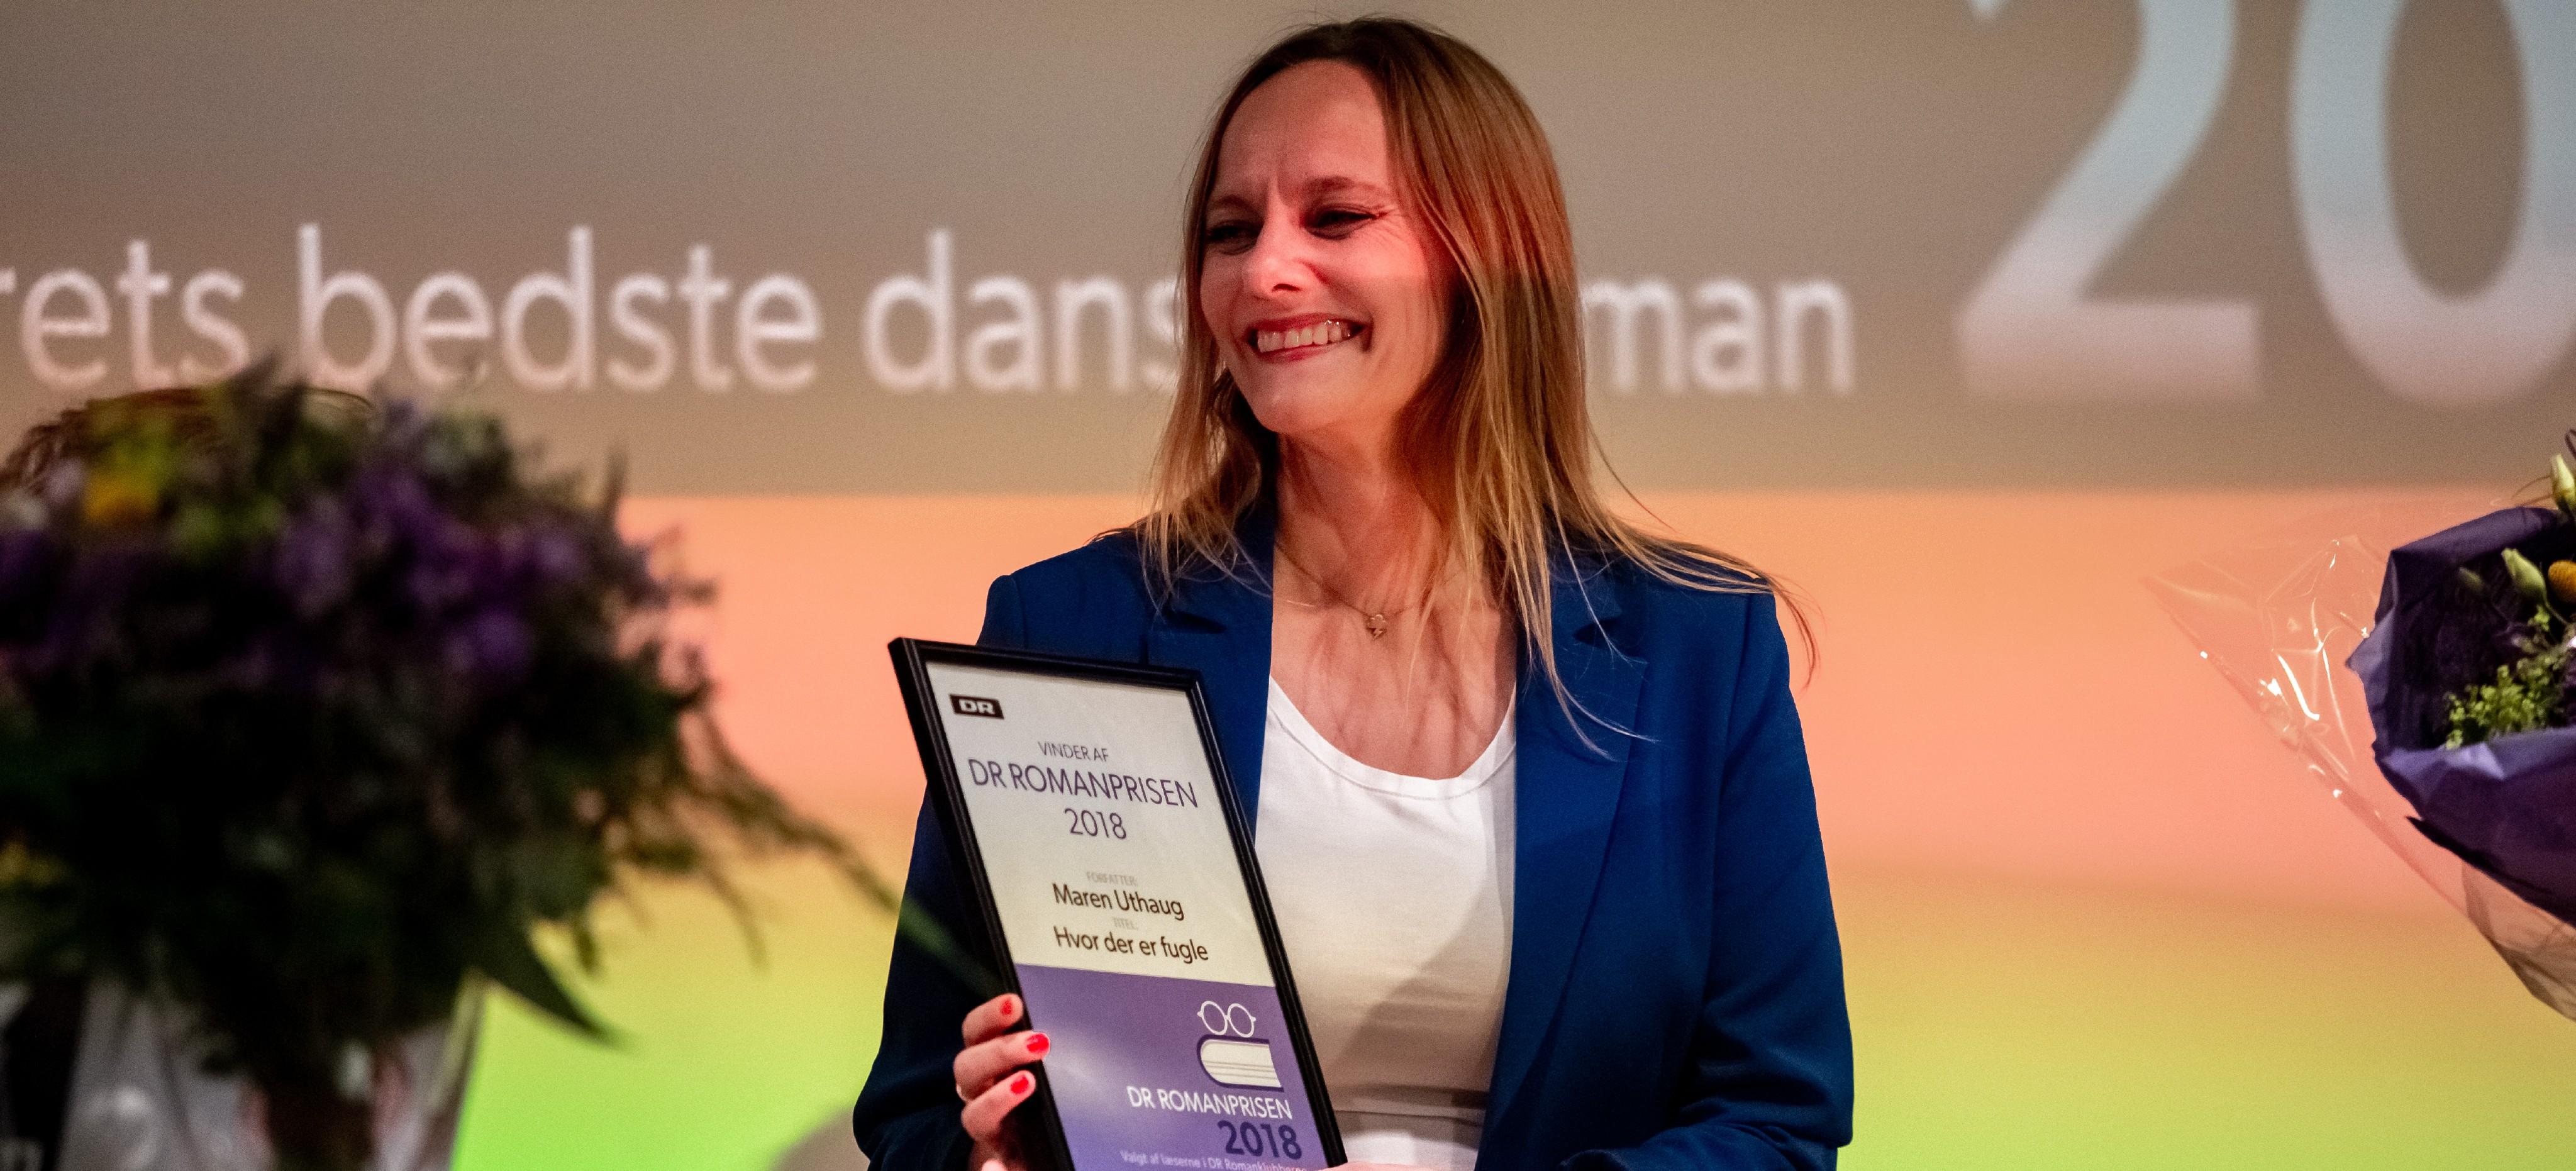 DR Romanprisen 2018